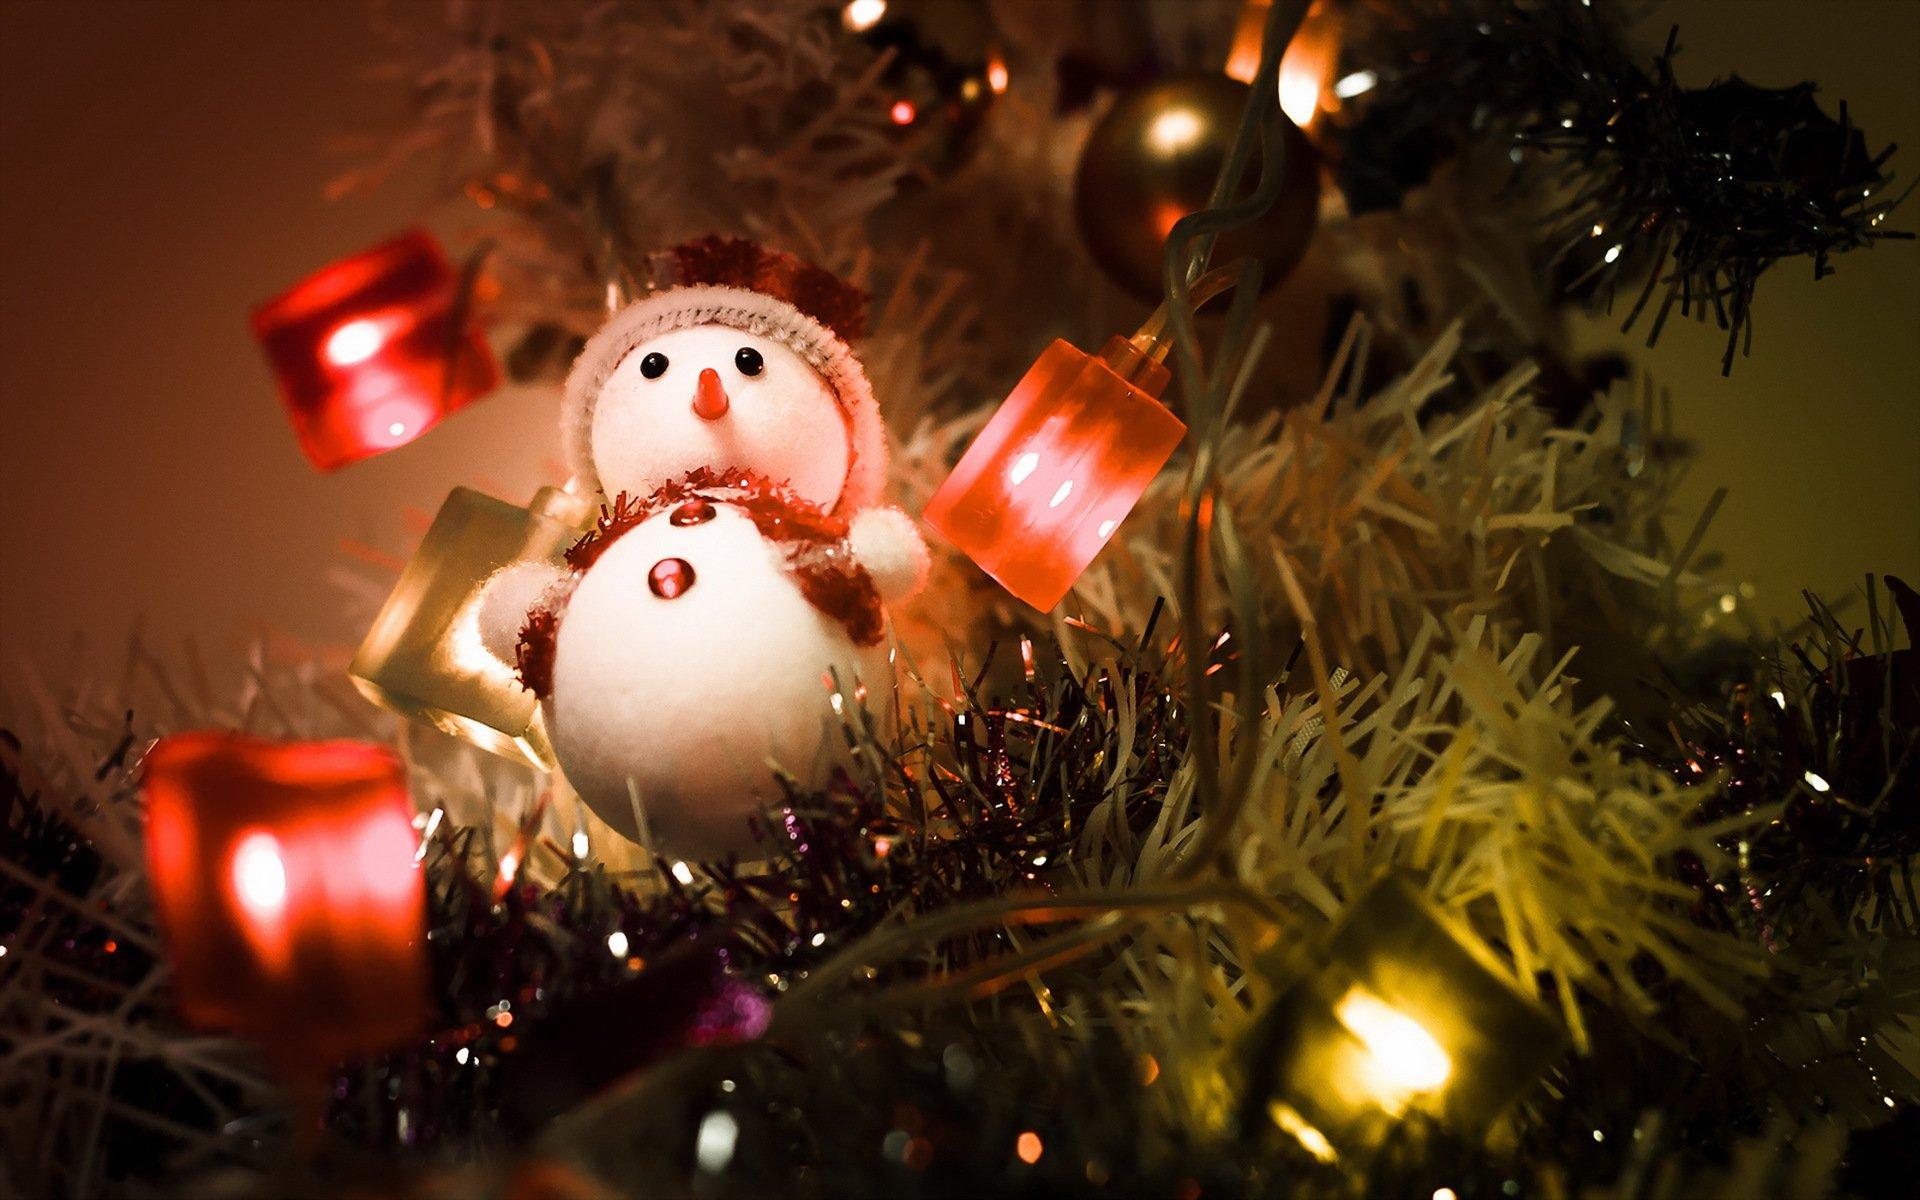 орион-дз поиск картинки про новый год подачи